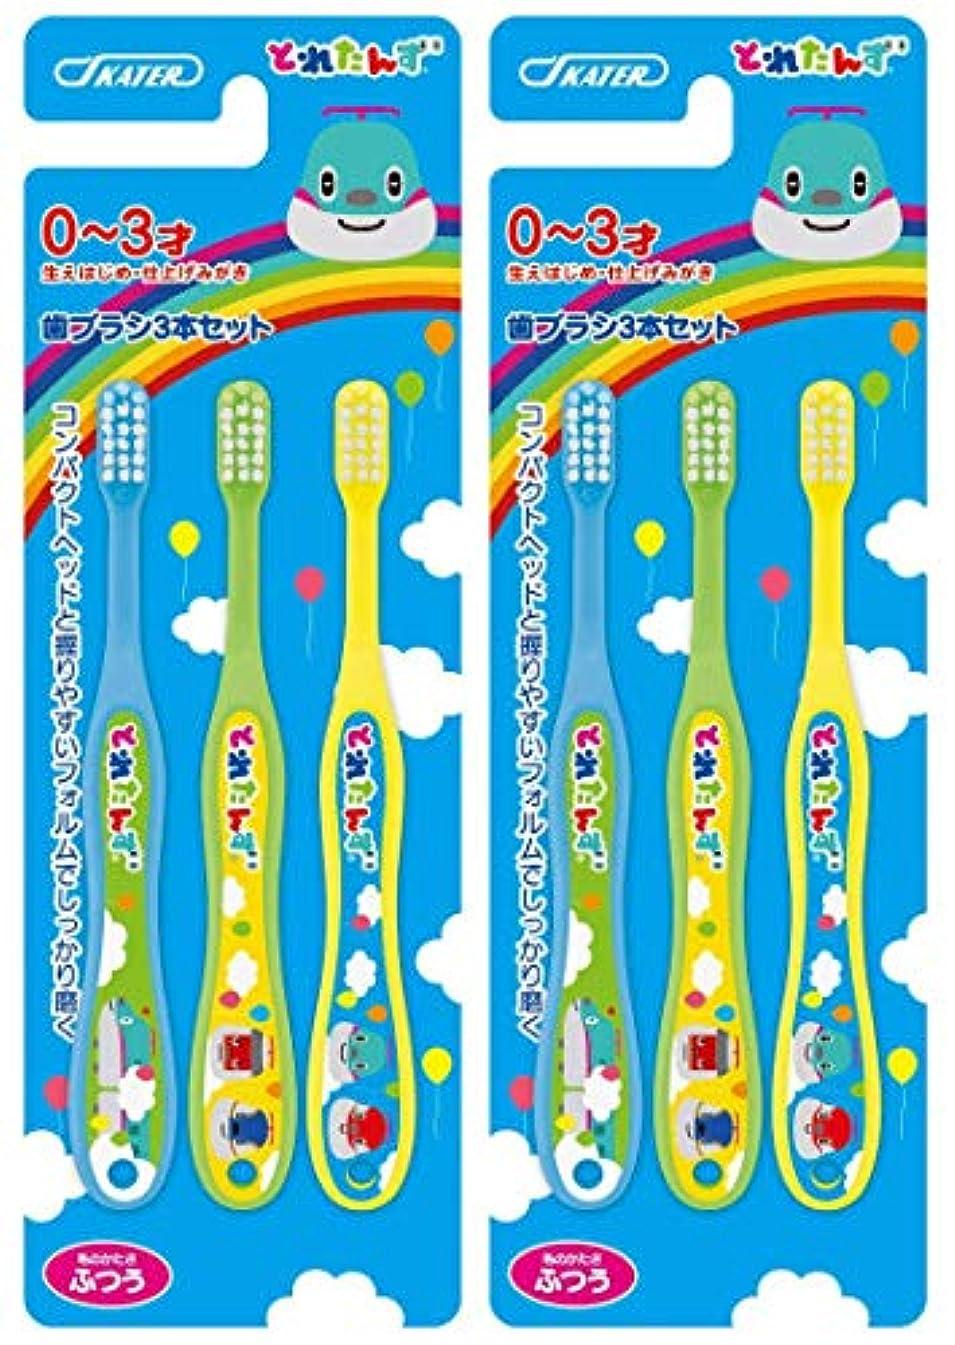 メンダシティ見込みアラブサラボスケーター 歯ブラシ 幼児期用 0-3才 普通 6本セット (3本セット×2個) とれたんず 15cm TB4T